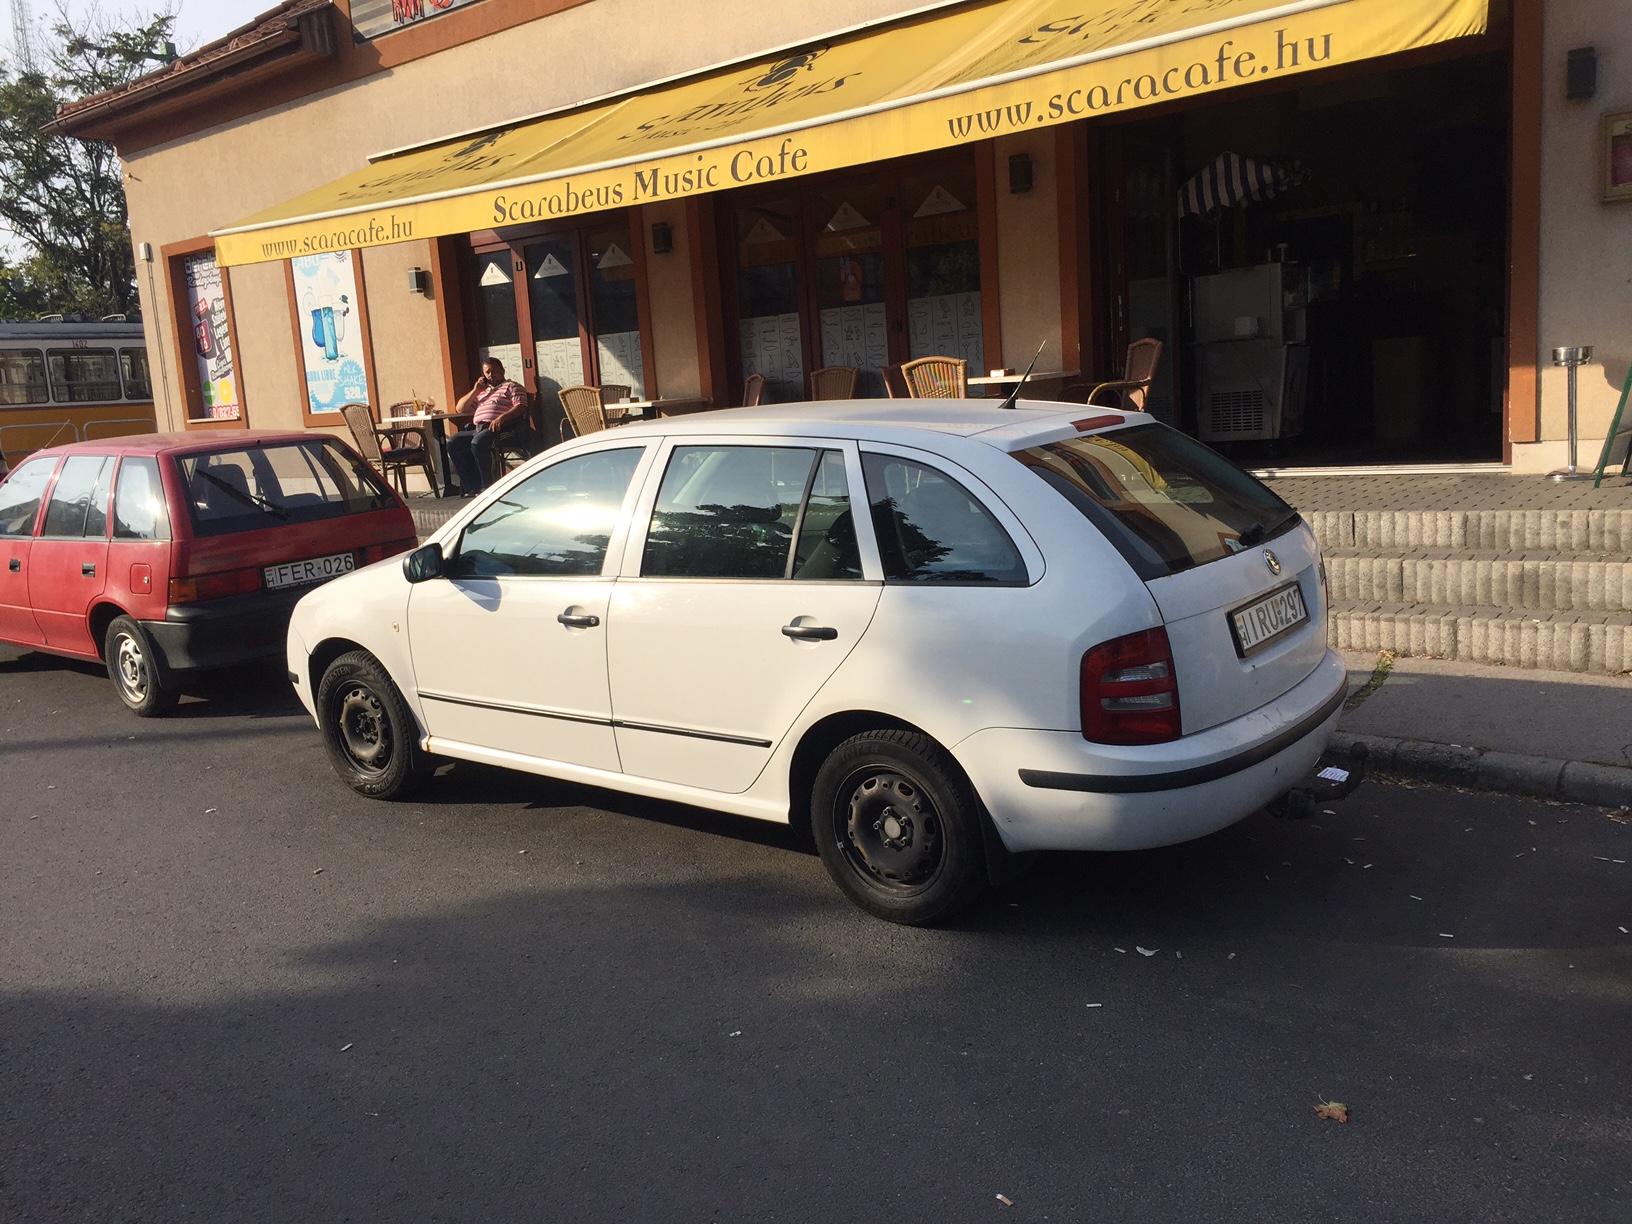 Škoda Fábiánk hátsó része is tökéletes, úgy mint az egész kocsi